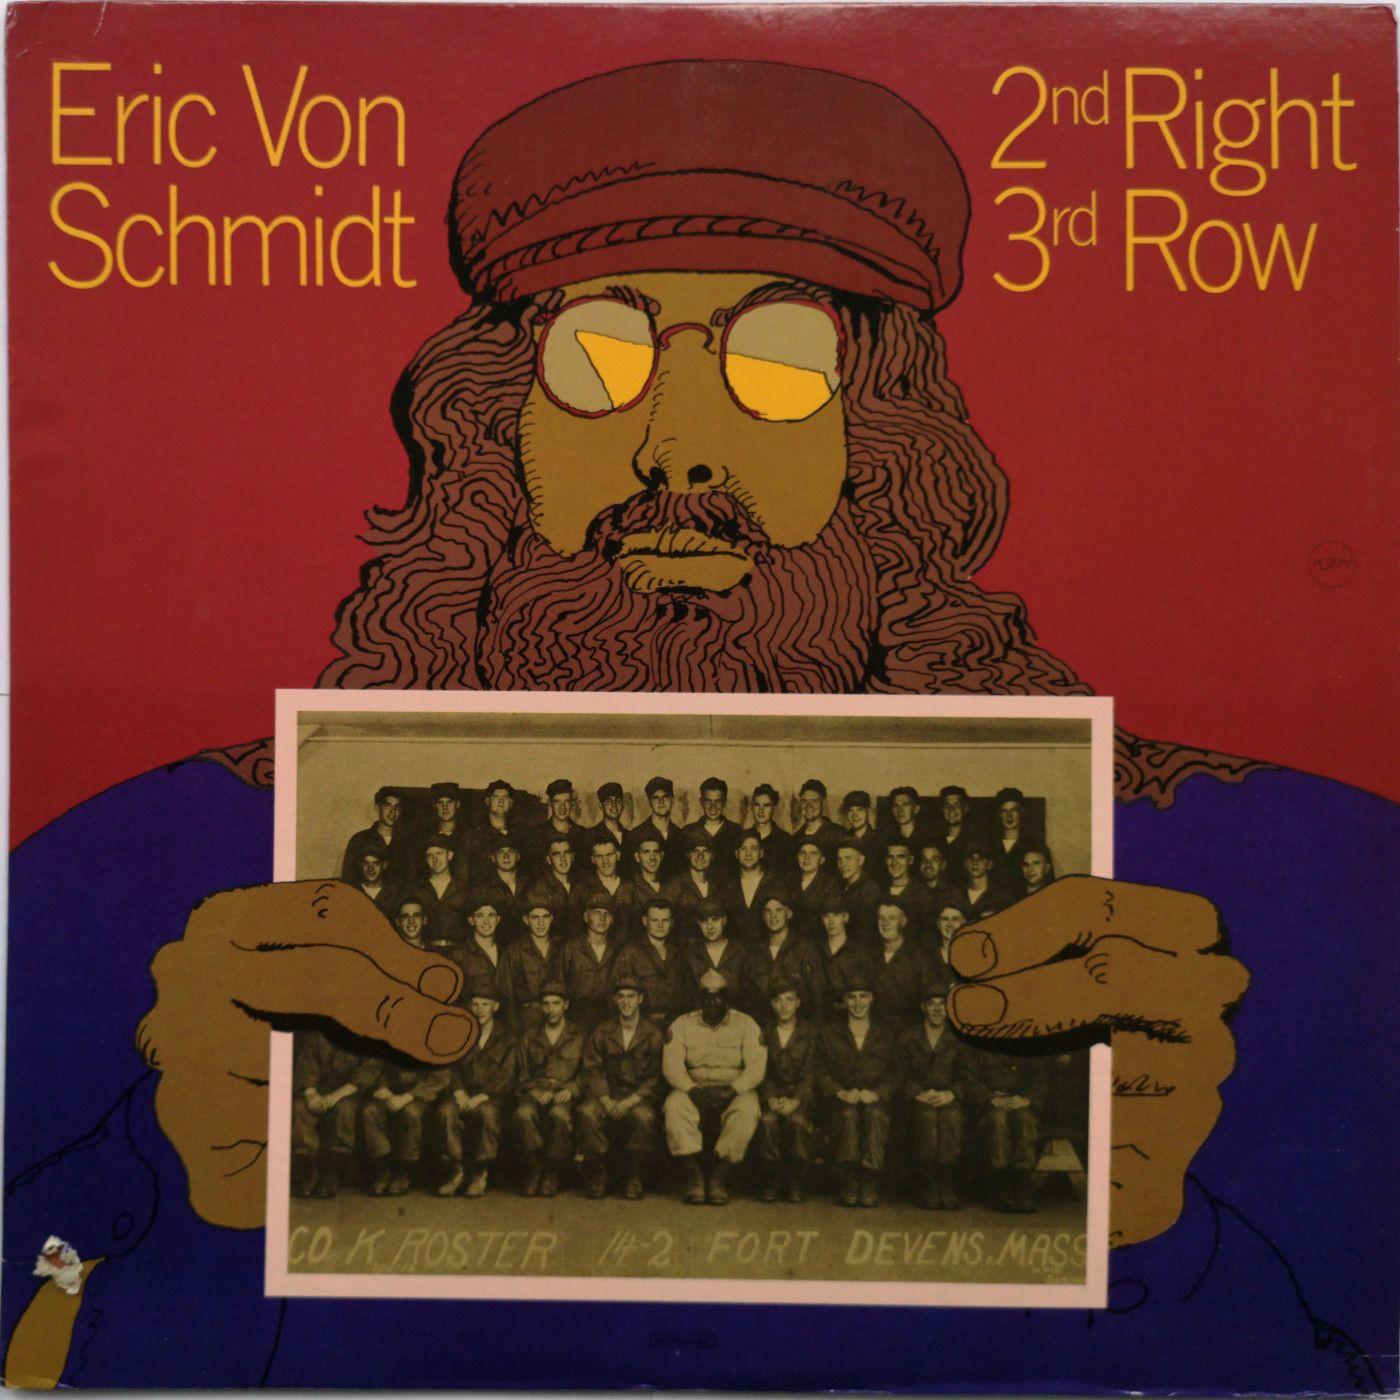 Eric Von Schmidt 2nd Right 3rd Row LP undefined